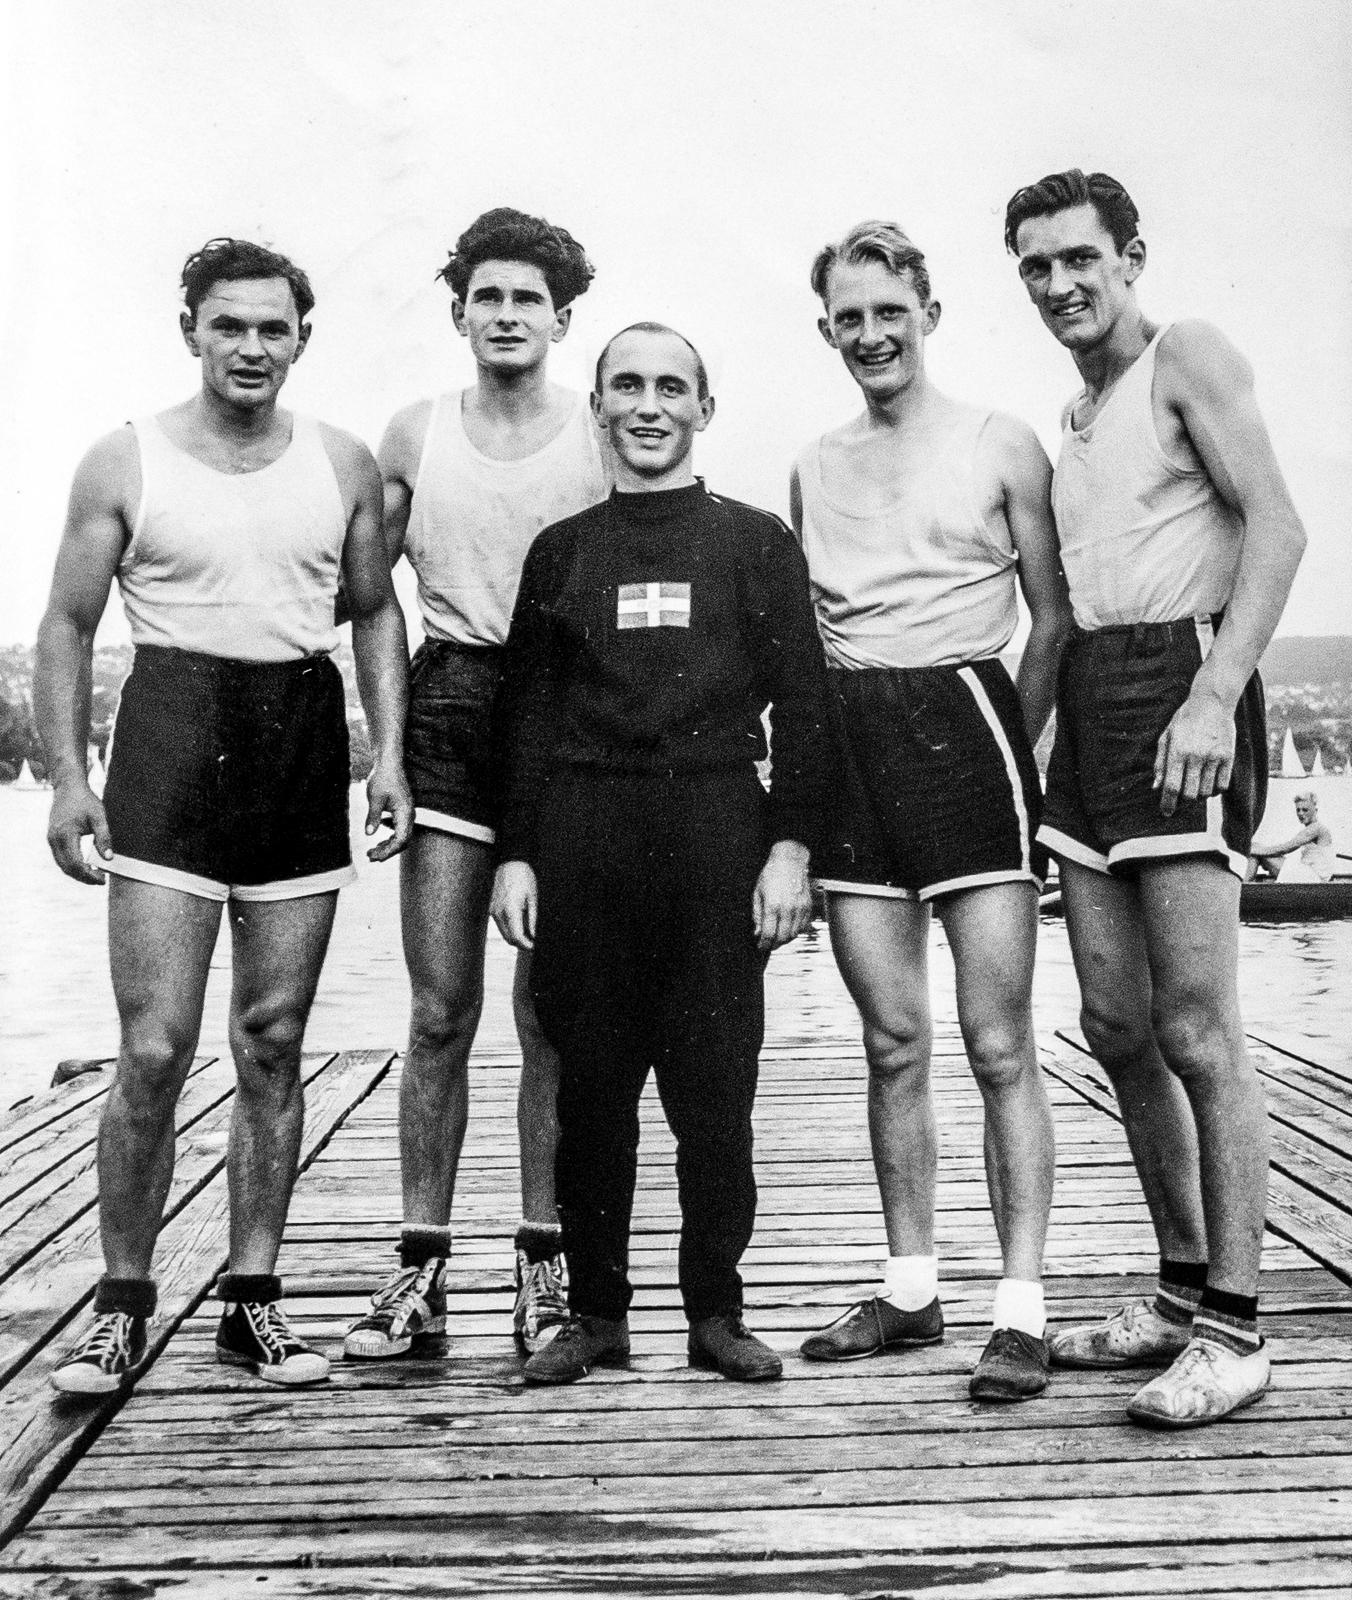 Juni 1953, Internationale Regatta Zürich, Sieger die RCE Ruderer